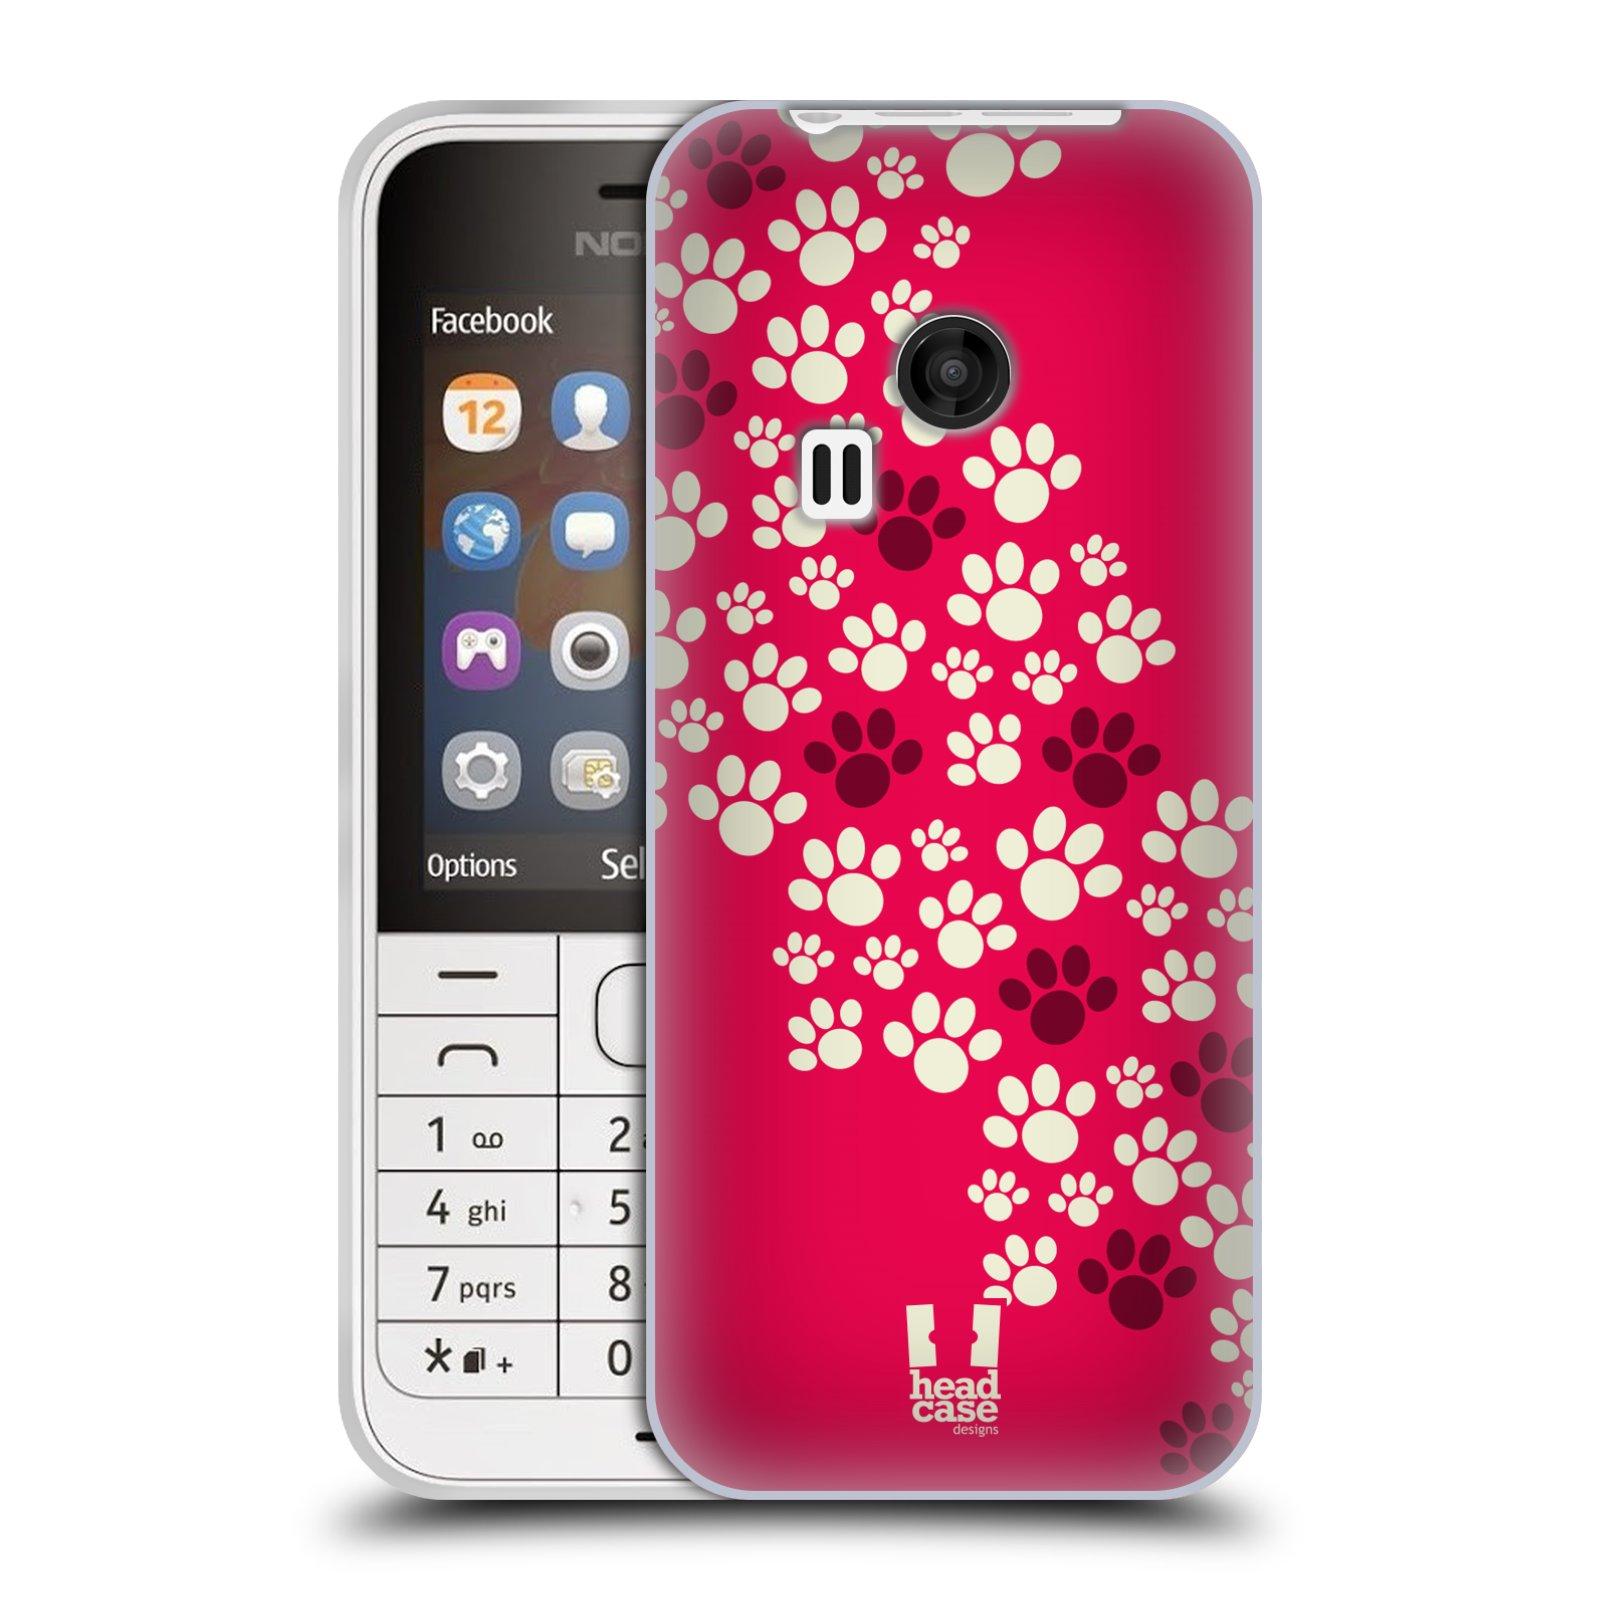 Silikonové pouzdro na mobil Nokia 220 HEAD CASE TLAPKY RŮŽOVÉ (Silikonový kryt či obal na mobilní telefon Nokia 220 a 220 Dual SIM)